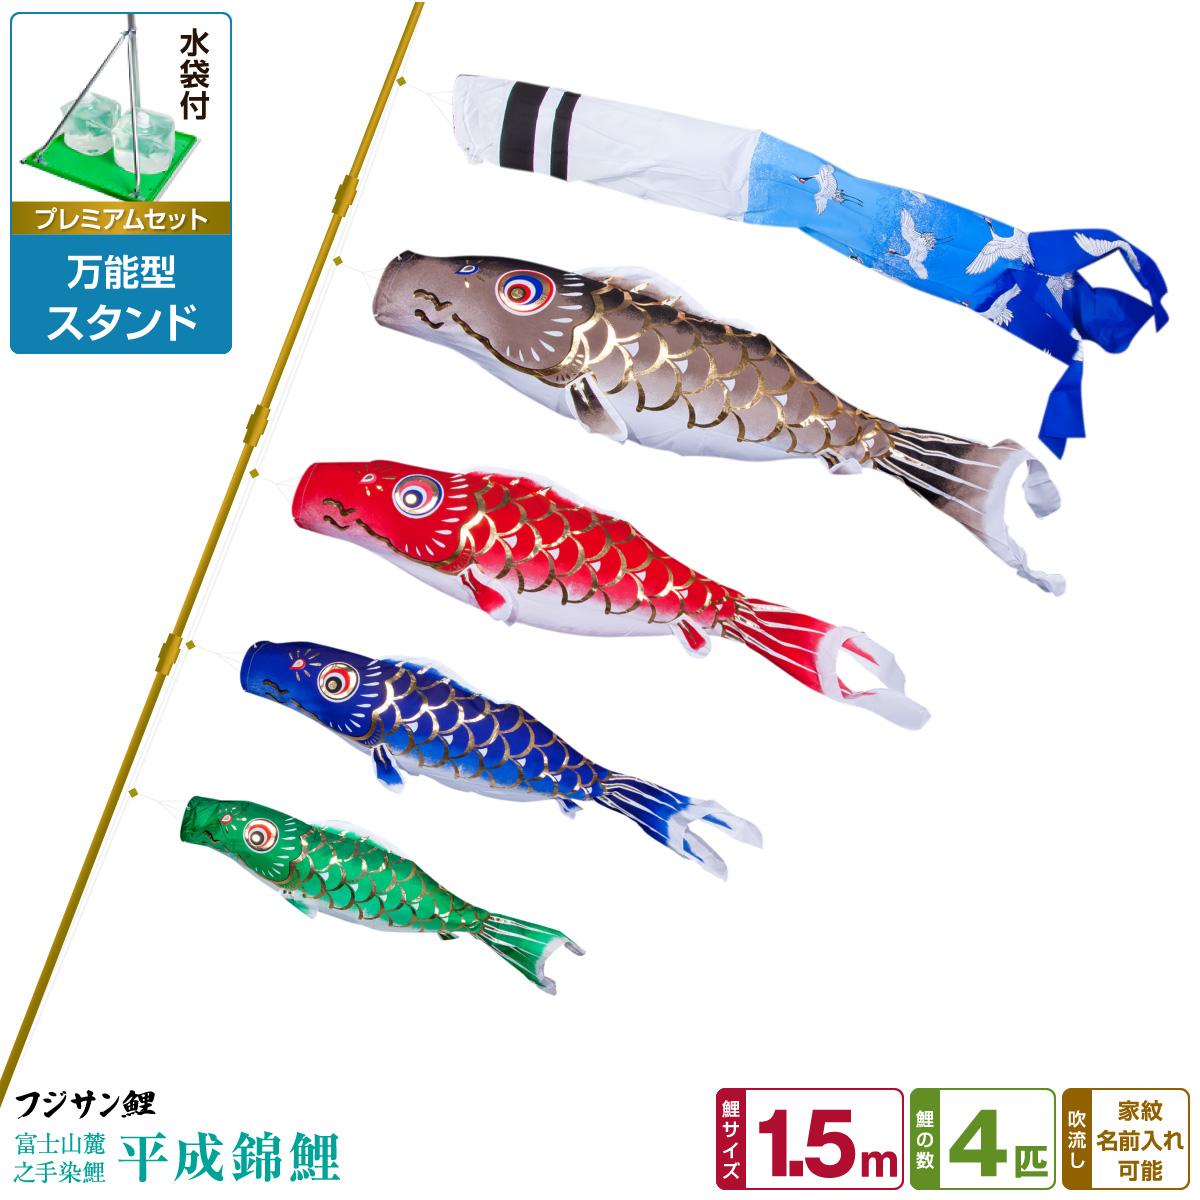 ベランダ用 こいのぼり 鯉のぼり フジサン鯉 平成錦鯉 1.5m 7点(吹流し+鯉4匹+矢車+ロープ)/プレミアムセット(万能スタンド)